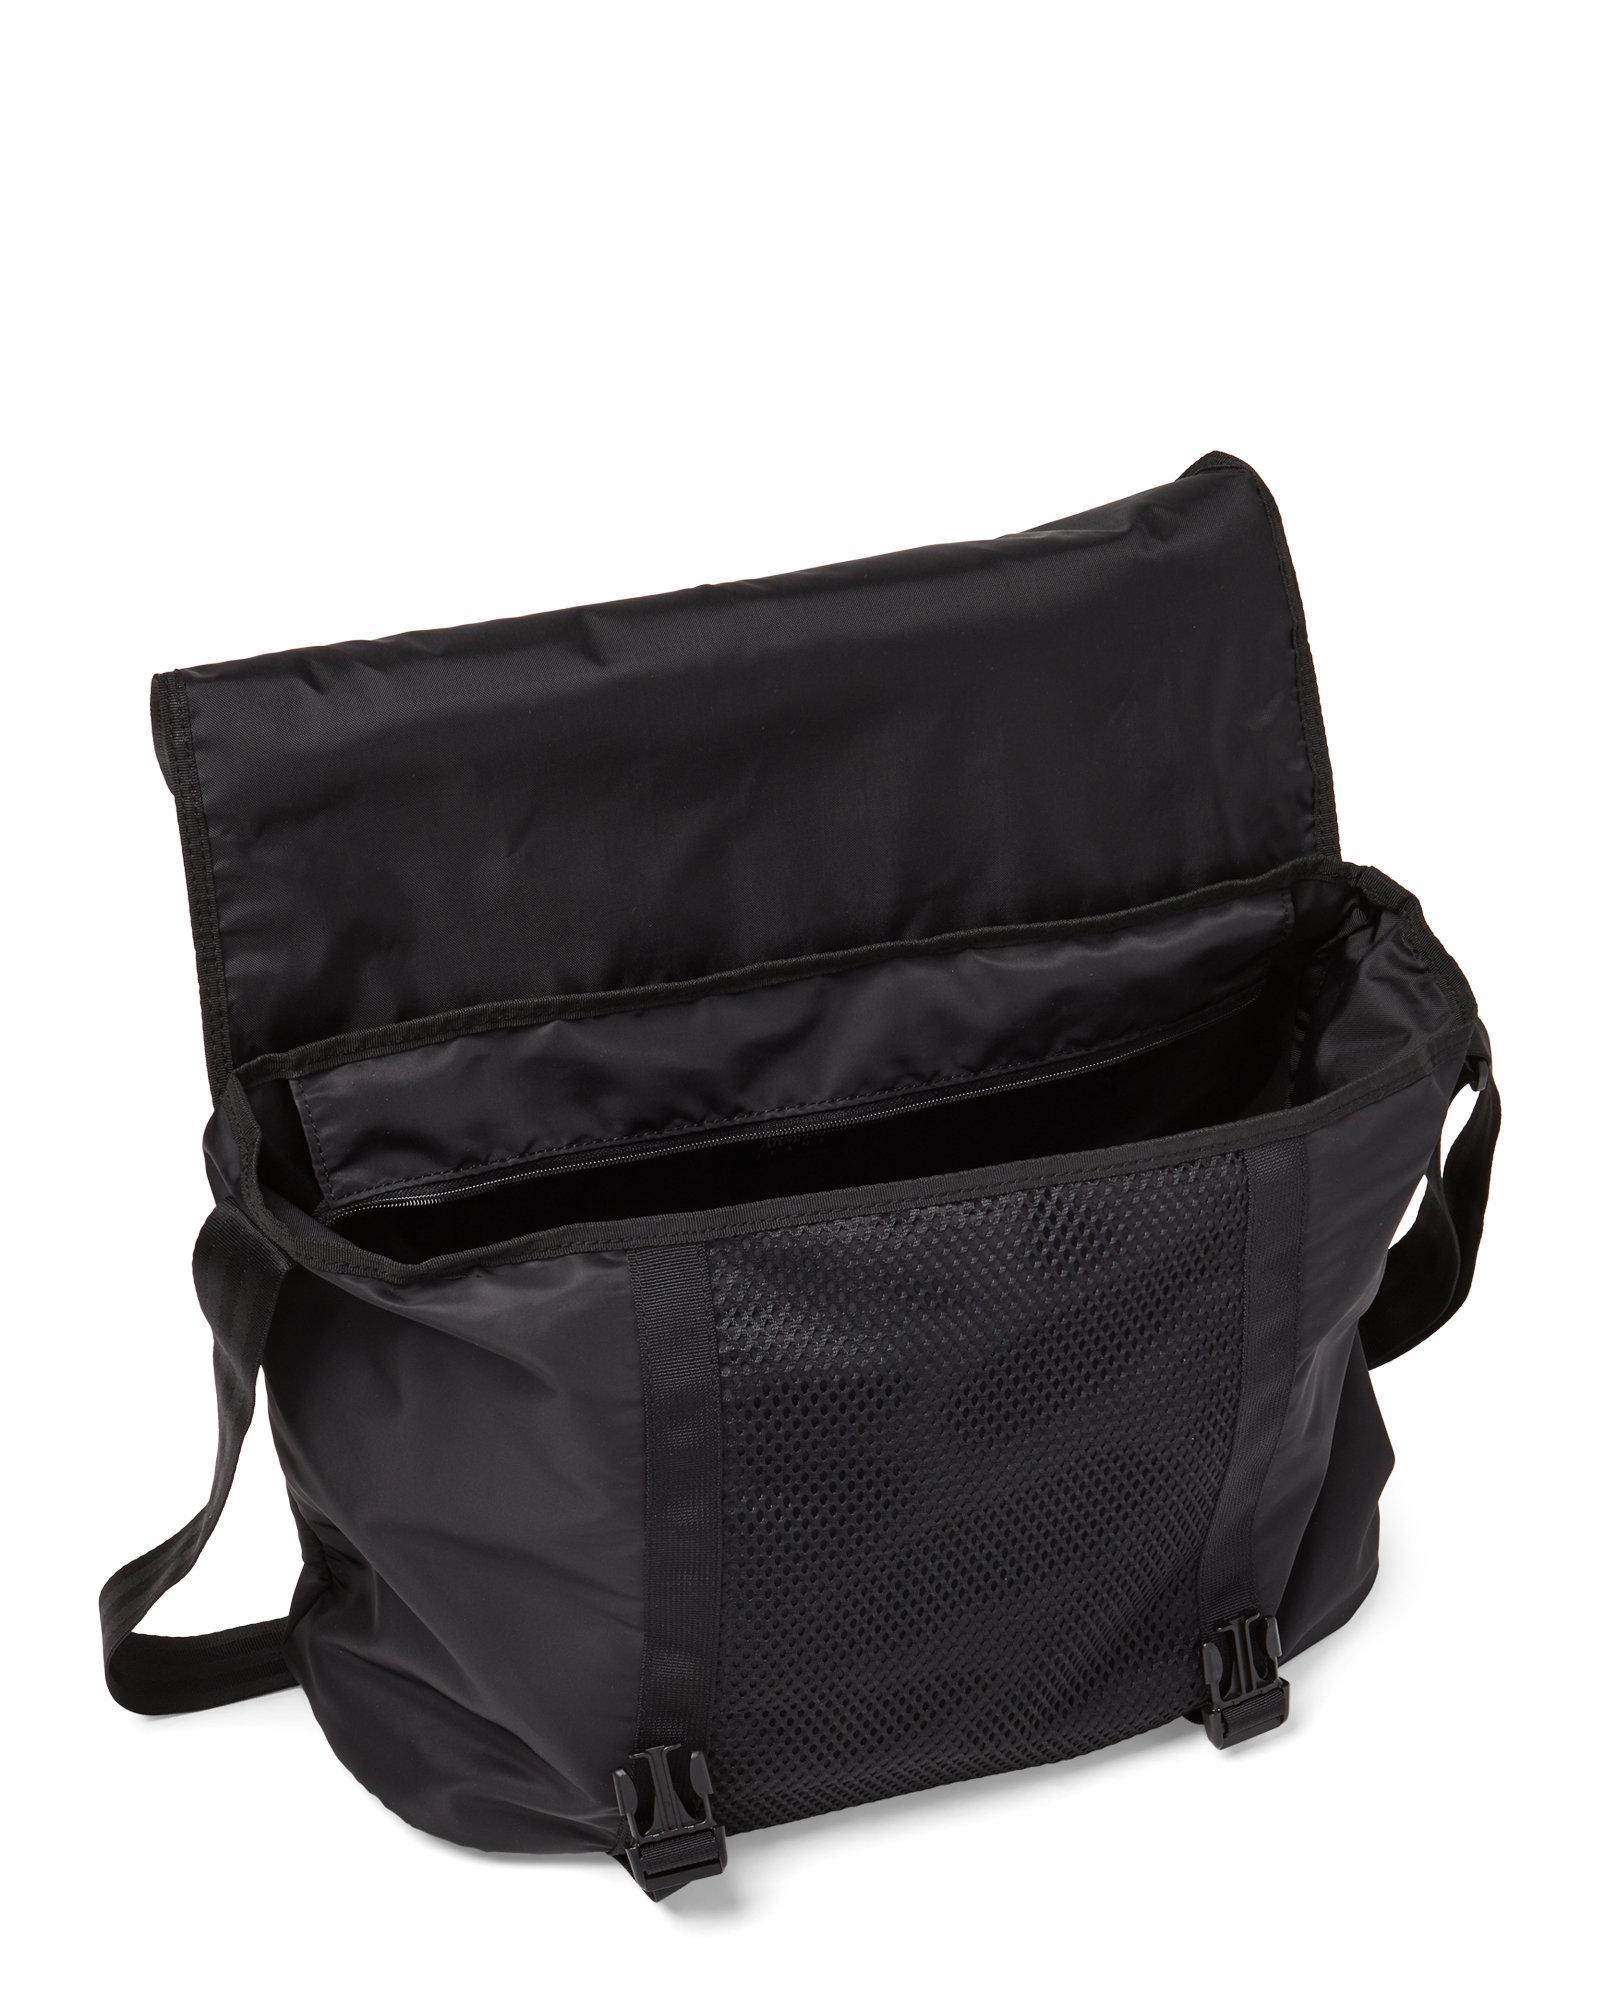 7adf16d4704 Lyst - Armani Jeans Black Logo Messenger Bag in Black for Men